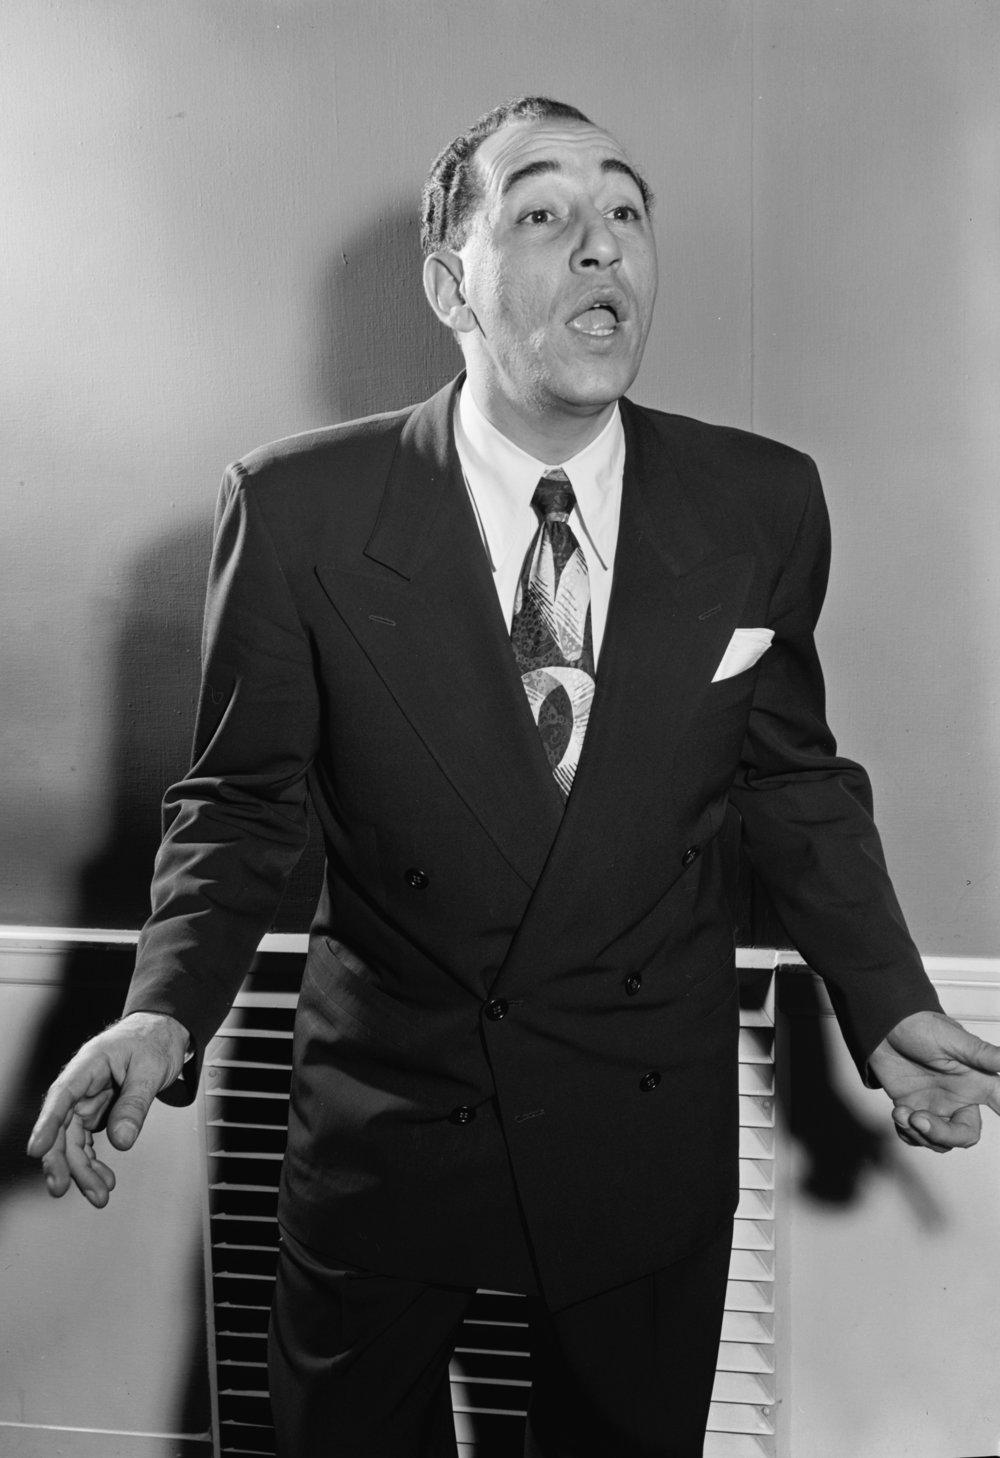 """Louis Prima - Einzig und allein ist es Louis Prima zu verdanken, dass es die Roaring Zucchinis gibt.Louis Prima hätte auch Louis Top heissen können, denn Top Musik, Top Stimmung und Top Show, sind alles synonyme für diesen einzigartigen Musiker und Sänger. Trotz Hits wie I Wanna Be Like You, Buona Sera und Angelina, ist Louis Prima nicht jedem ein Begriff. Doch wer den Namen kennt, weiß dass seine Musik für grenzenlosen Spaß und Swing in der Musikwelt der 50er und 60er Jahre steht, und das noch bis heute!Lust mal reinzuhören was die Roaring Zucchinis alles spielen?If It weren't for Louis Prima the Roaring Zucchinis would not exist today.Louis Prima could have also been called Louis Top, top music, top atmosphere and top show are all synonyms for this great musician and singer. Despite hits like """"I Wanna Be Like You, Buona Sera and Angelina, not everybody has heard of Louis Prima. Those of you who have heard of him, know that his music represents fun and swing in the music world of the 50s and 60s, up until today!"""